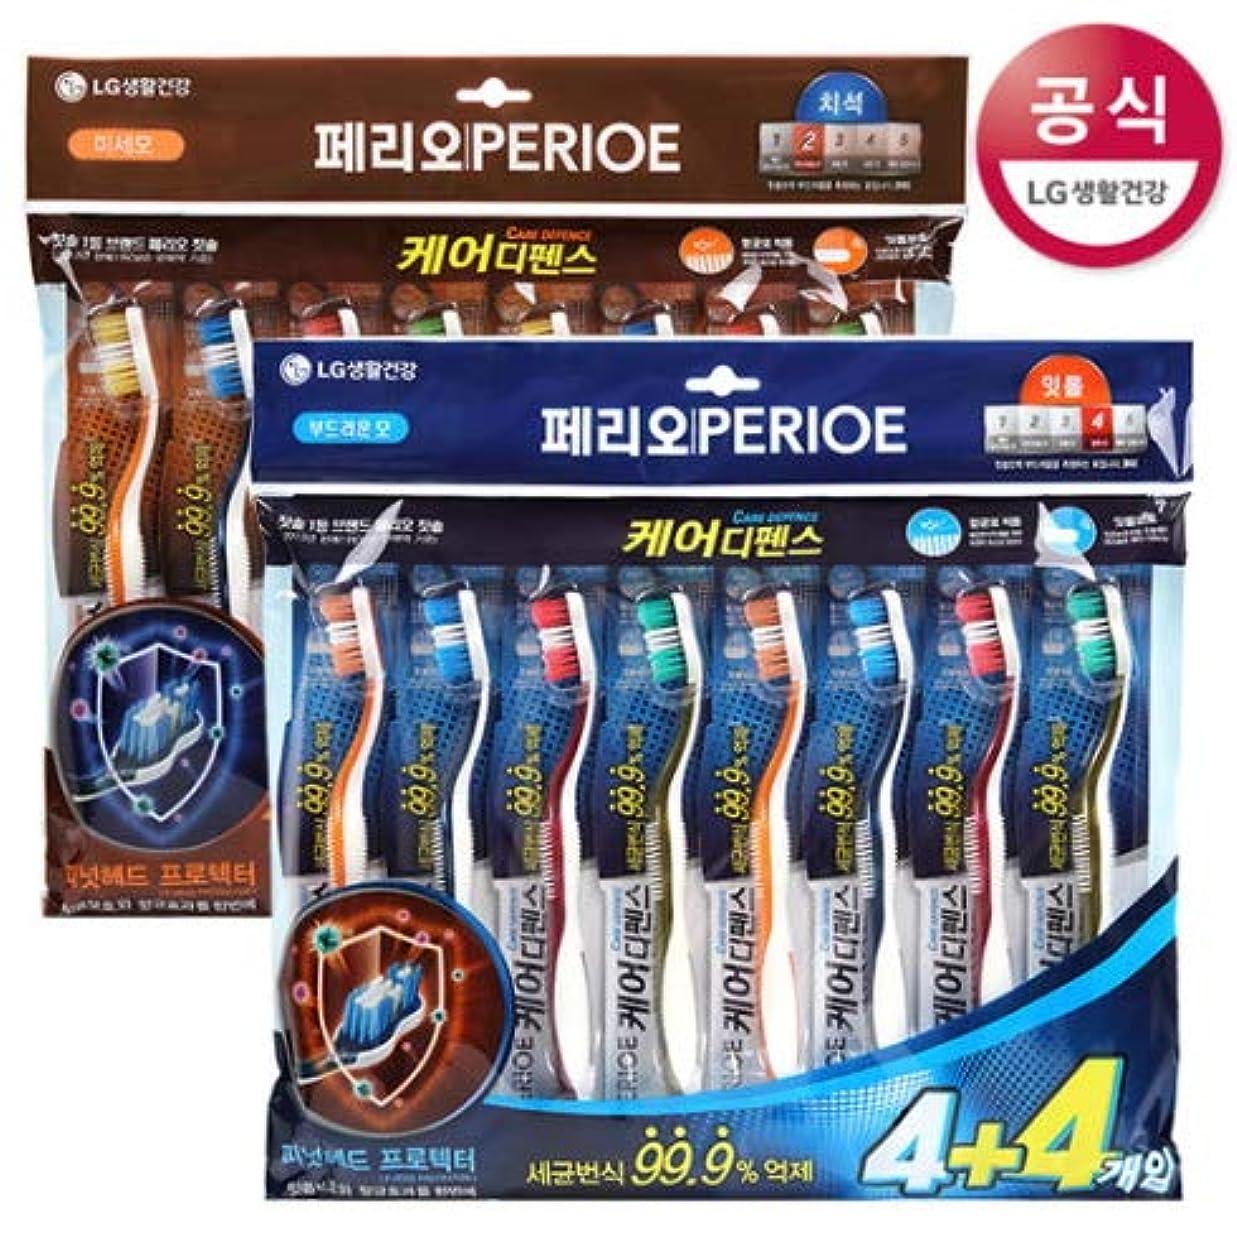 大理石予防接種悪性腫瘍[LG HnB] Perio CareDance Toothbrush/ペリオケアディフェンス歯ブラシ 8口x2個(海外直送品)